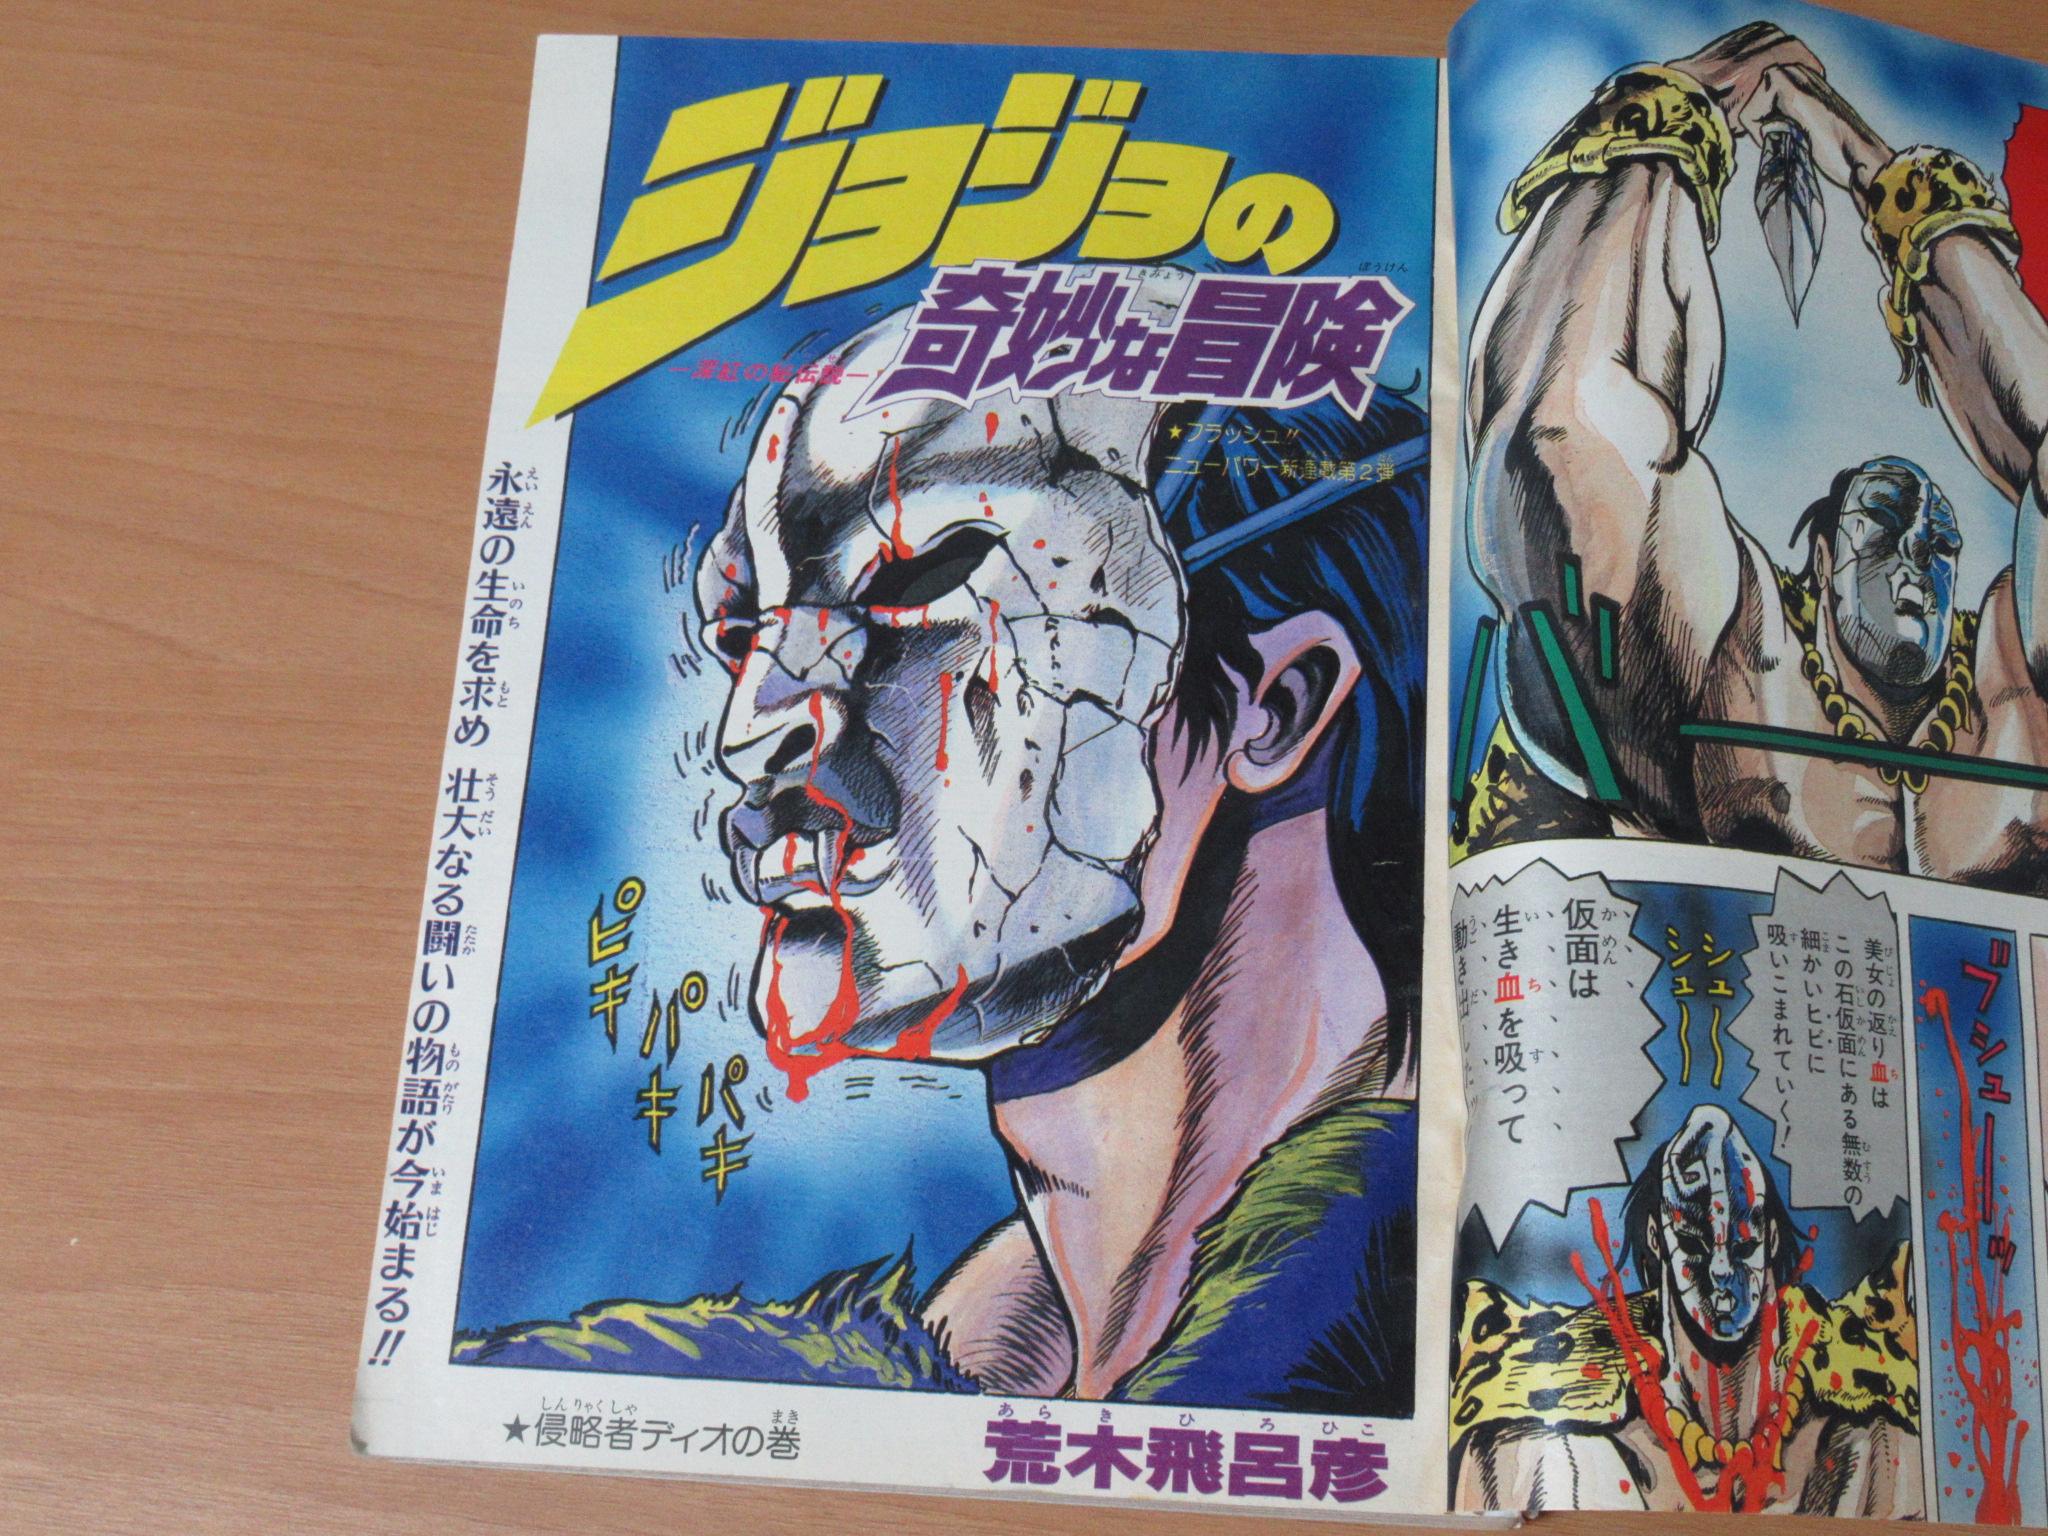 ジョジョの奇妙な冒険 新連載号 買取 週刊少年ジャンプ 1987年1月1日号 1・2号  荒木飛呂彦